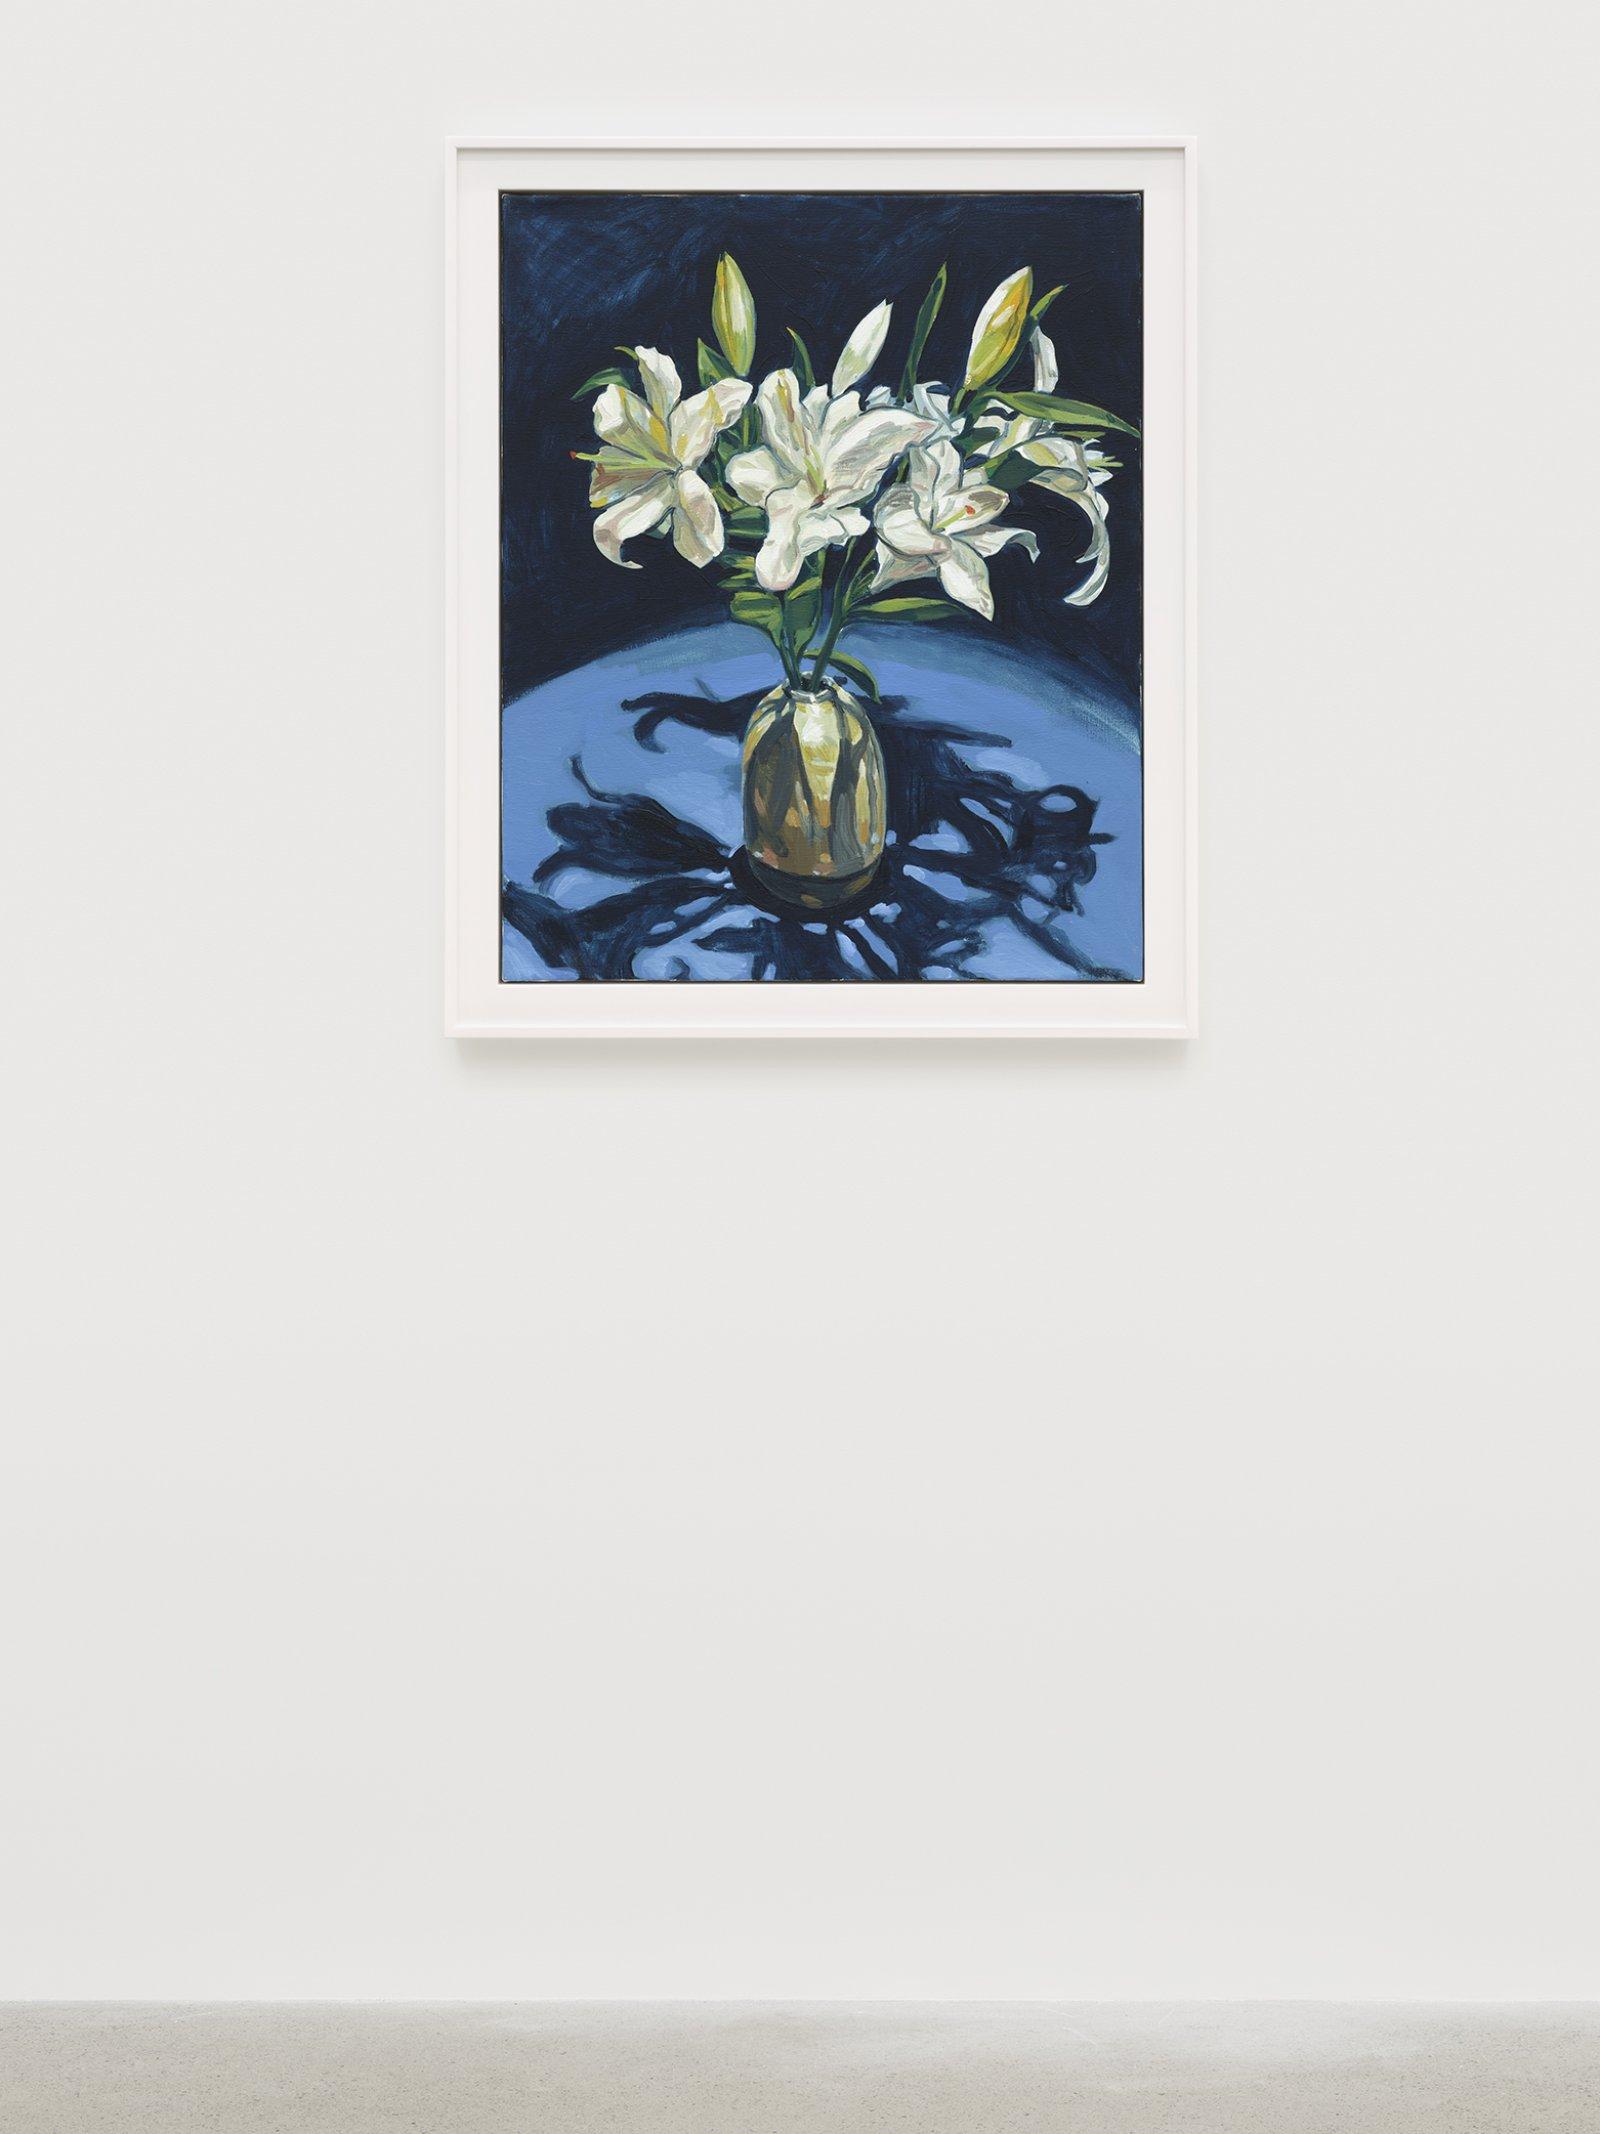 Damian Moppett, Lilies (Indigo), 2020, oil on canvas, 32 x 27 in. (82 x 69 cm) by Damian Moppett